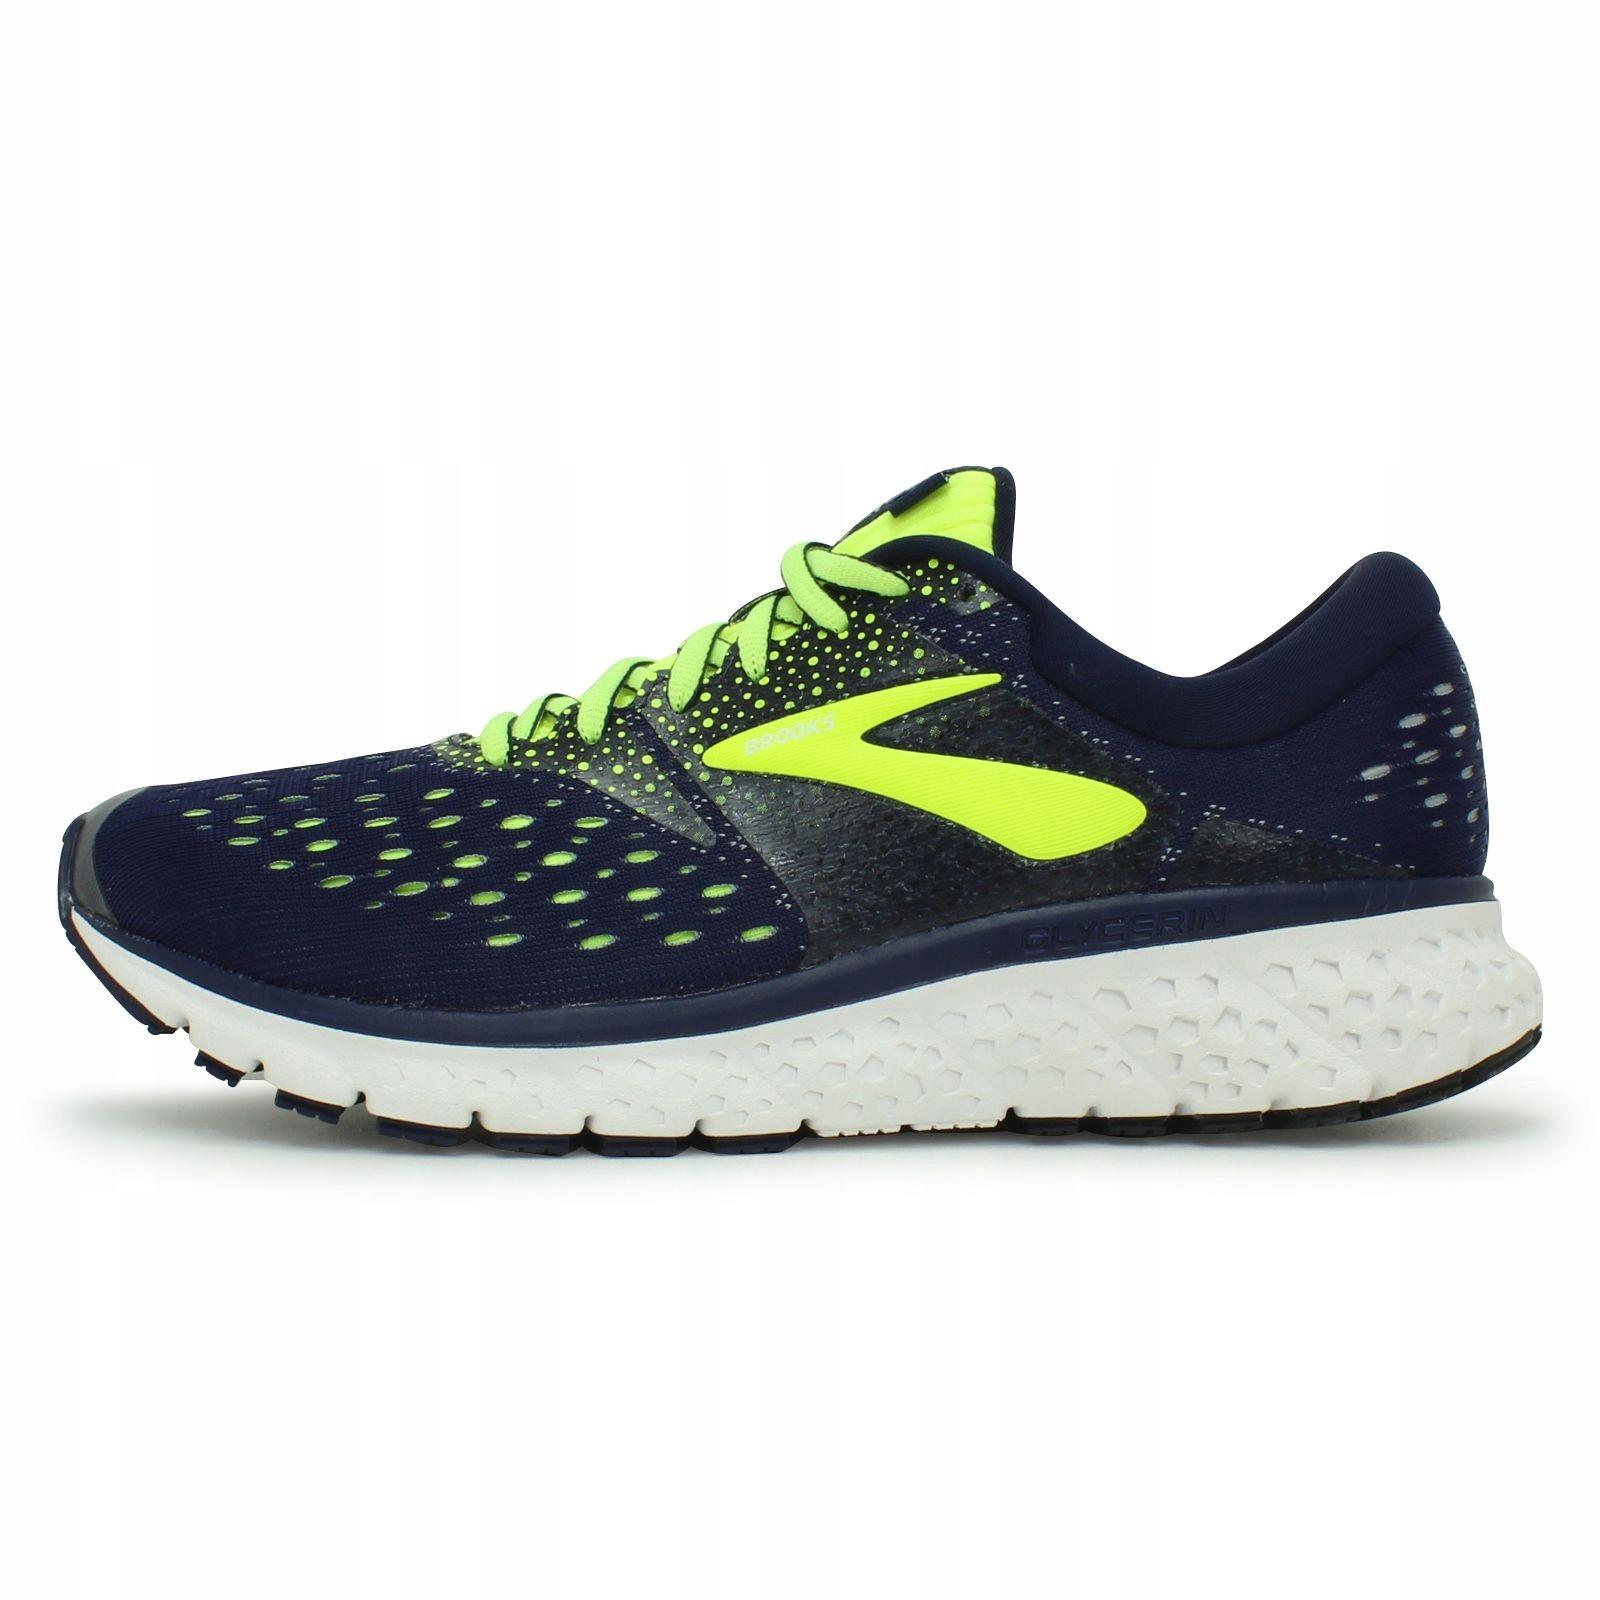 Brooks męskie buty biegowe Glycerin 16 roz. 44